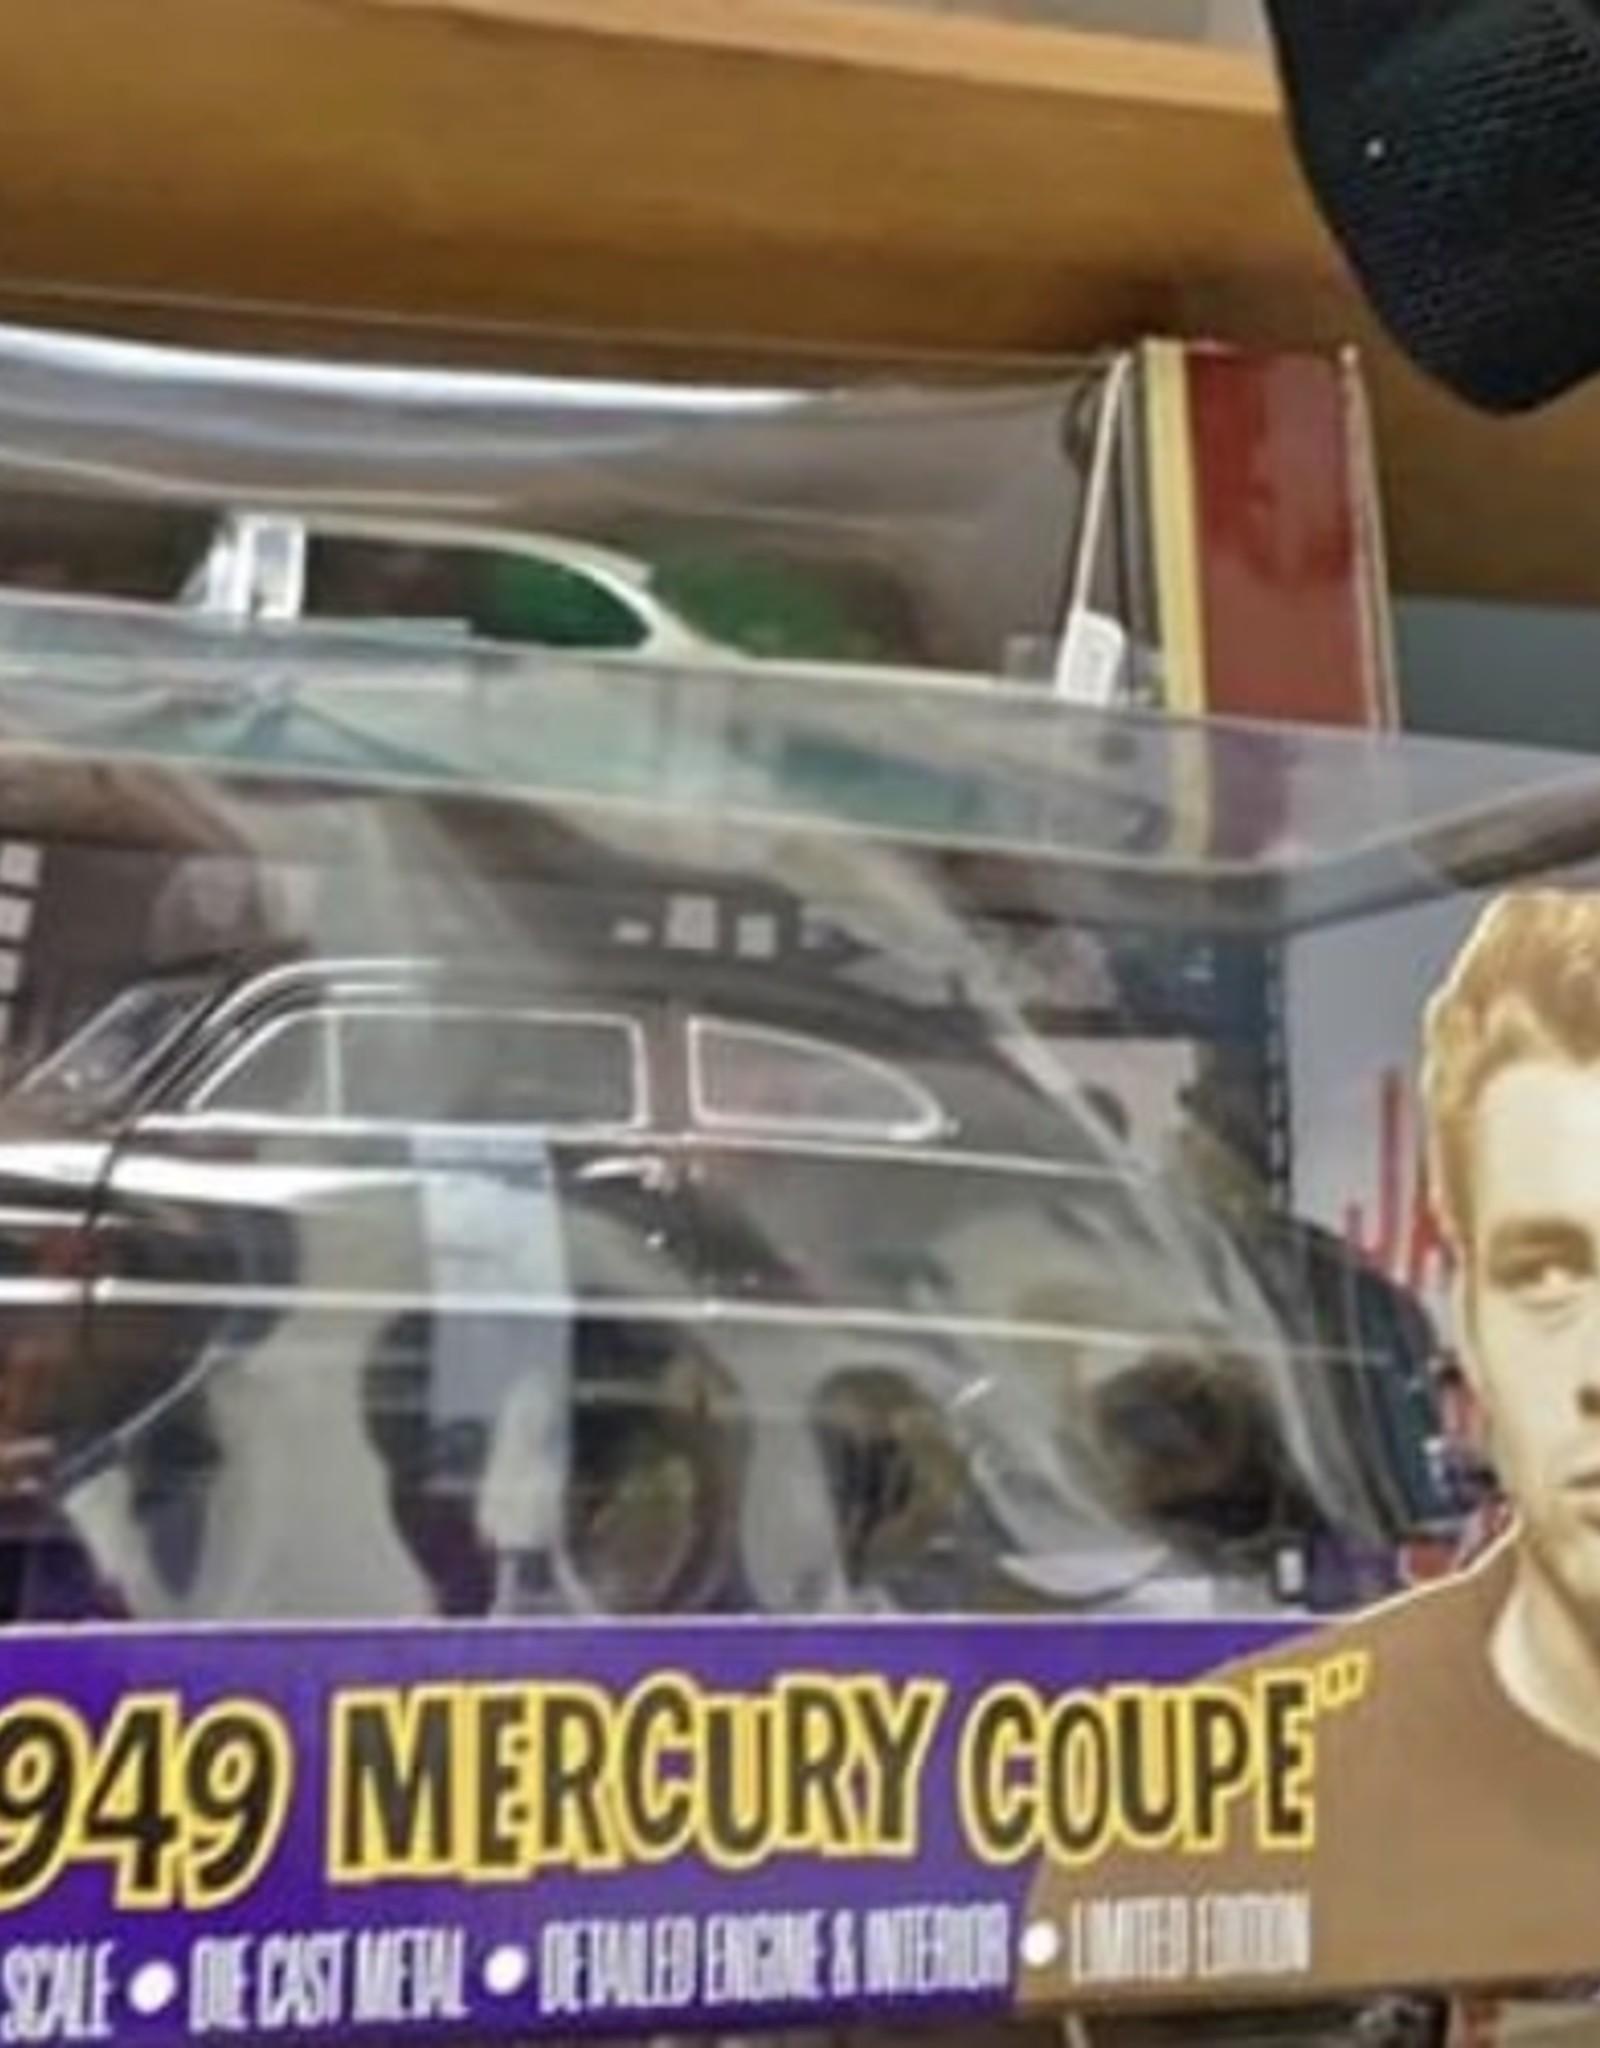 1949 Mercury Coup James Dean - 100165